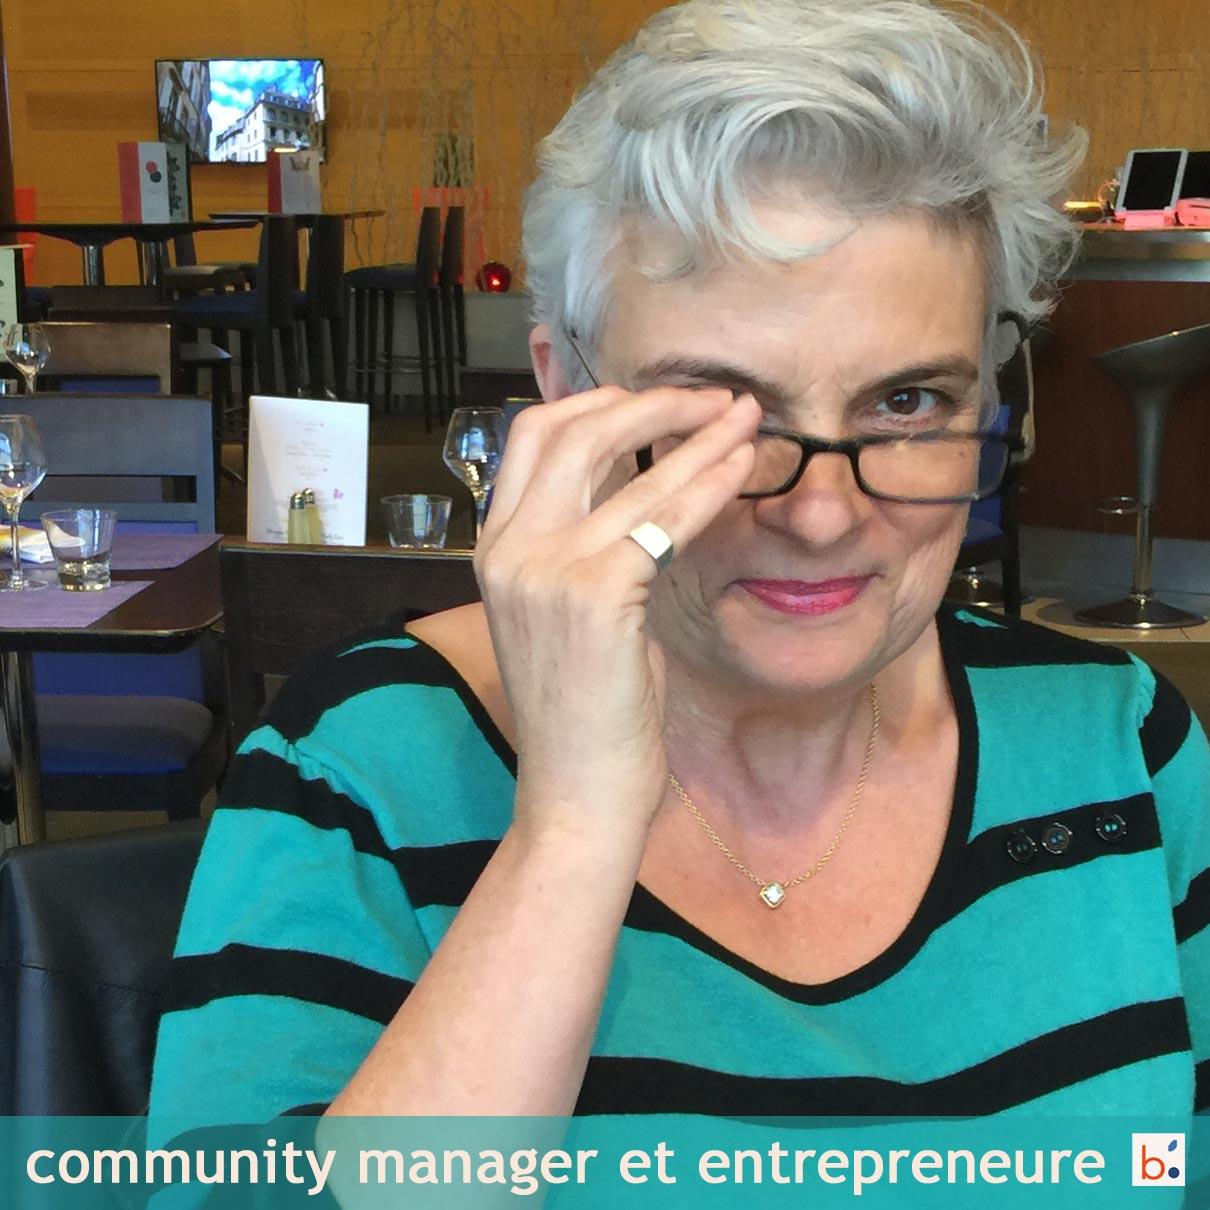 Pascale Bégat est spécialiste des réseaux sociaux pour les entreprises et entrepreneure